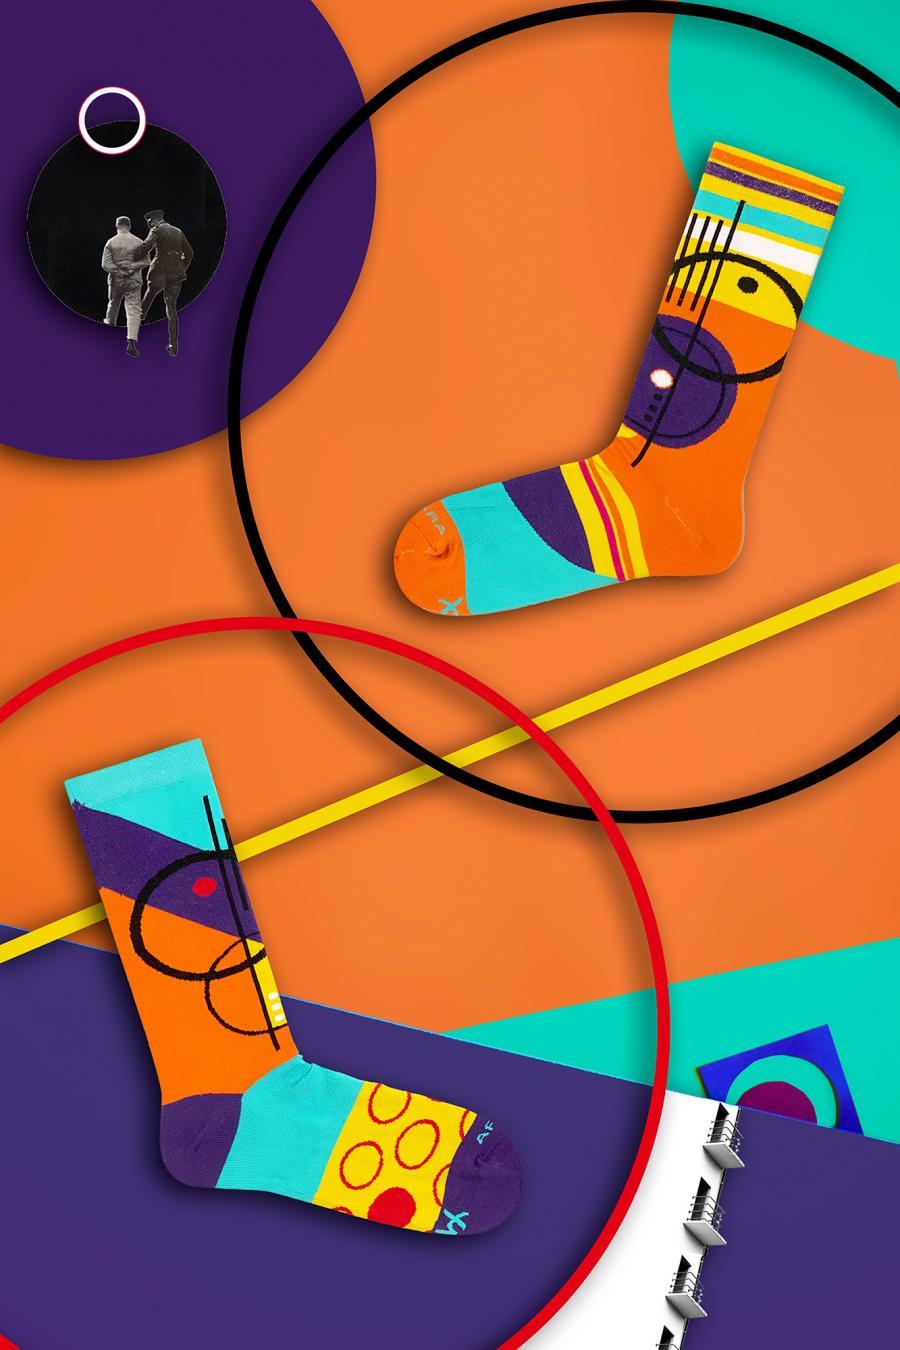 Kolorowe skarpetki - Bauhaus 1 - Takapara | JestemSlow.pl